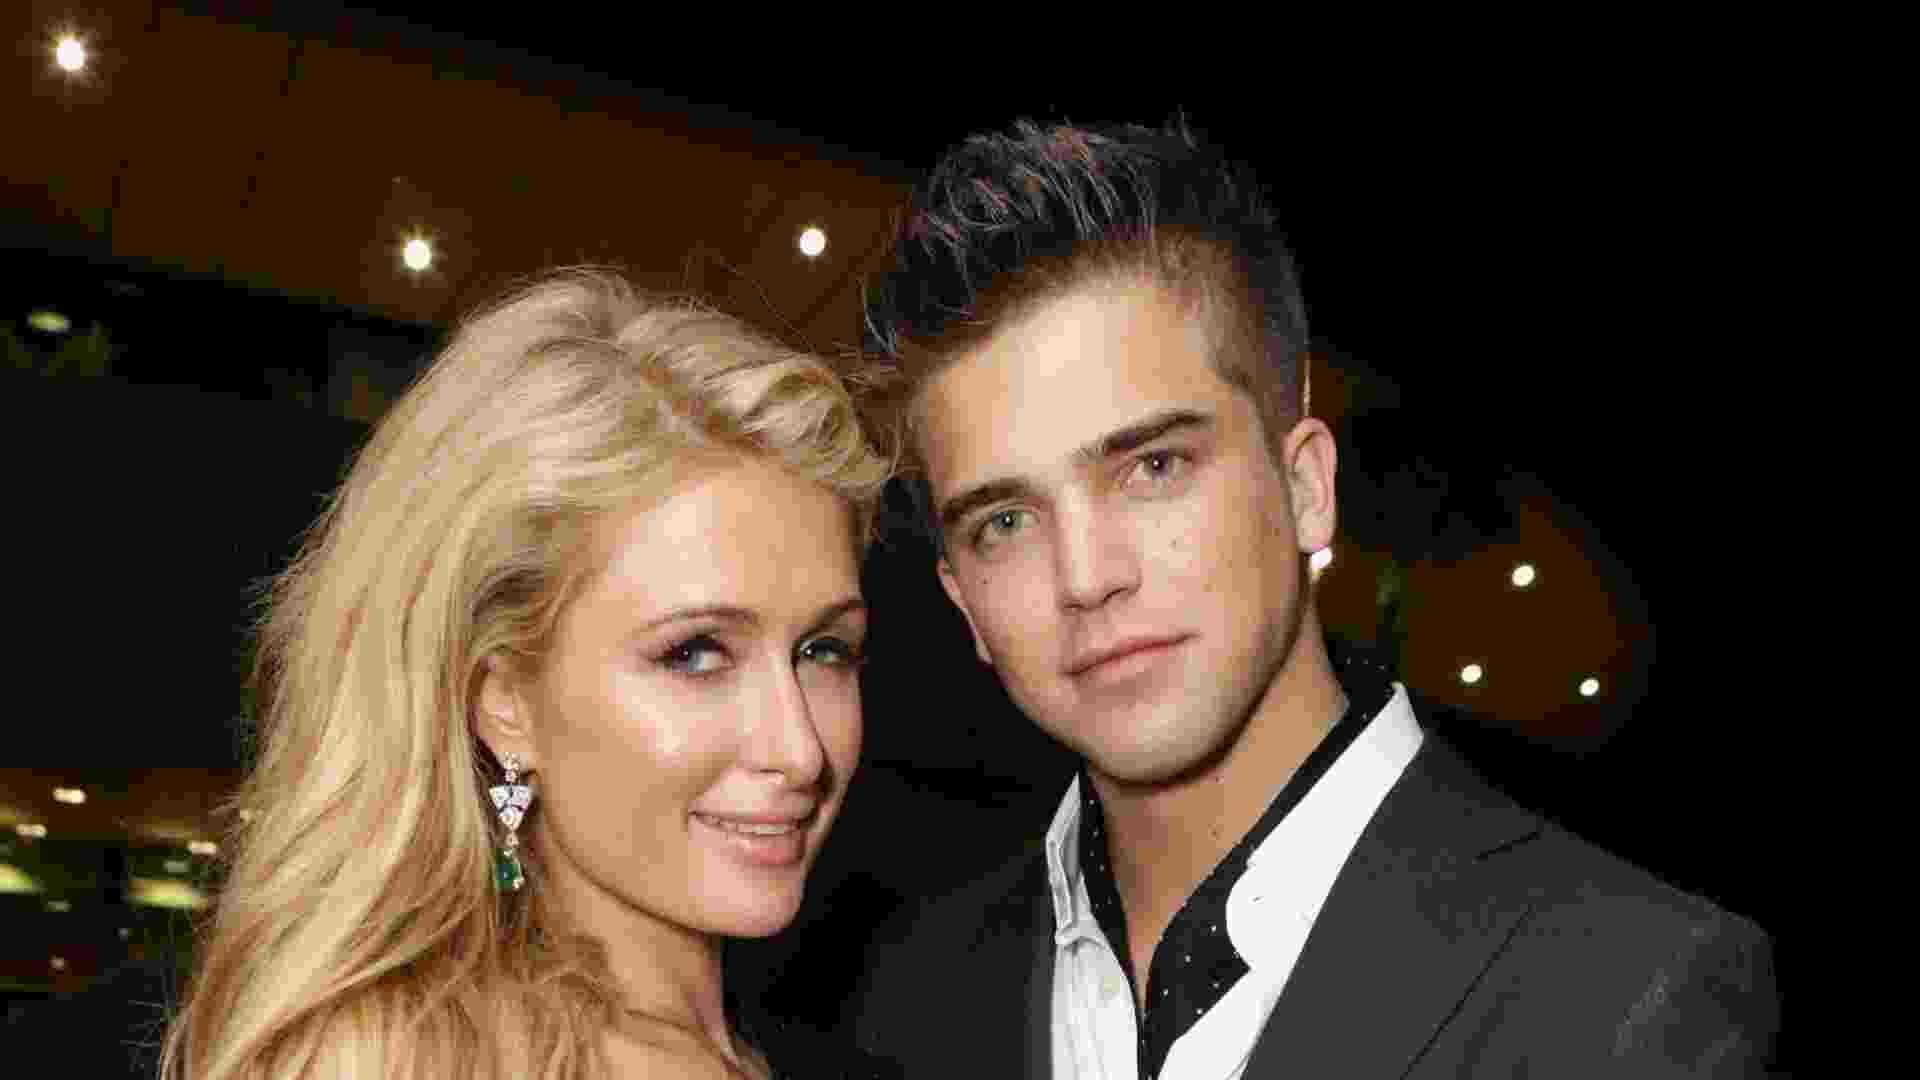 18.mai.2013 - Paris Hilton e o namorado, River Viiperi, vão a festa durante o Festival de Cannes - Tiffany Rose/Getty Images